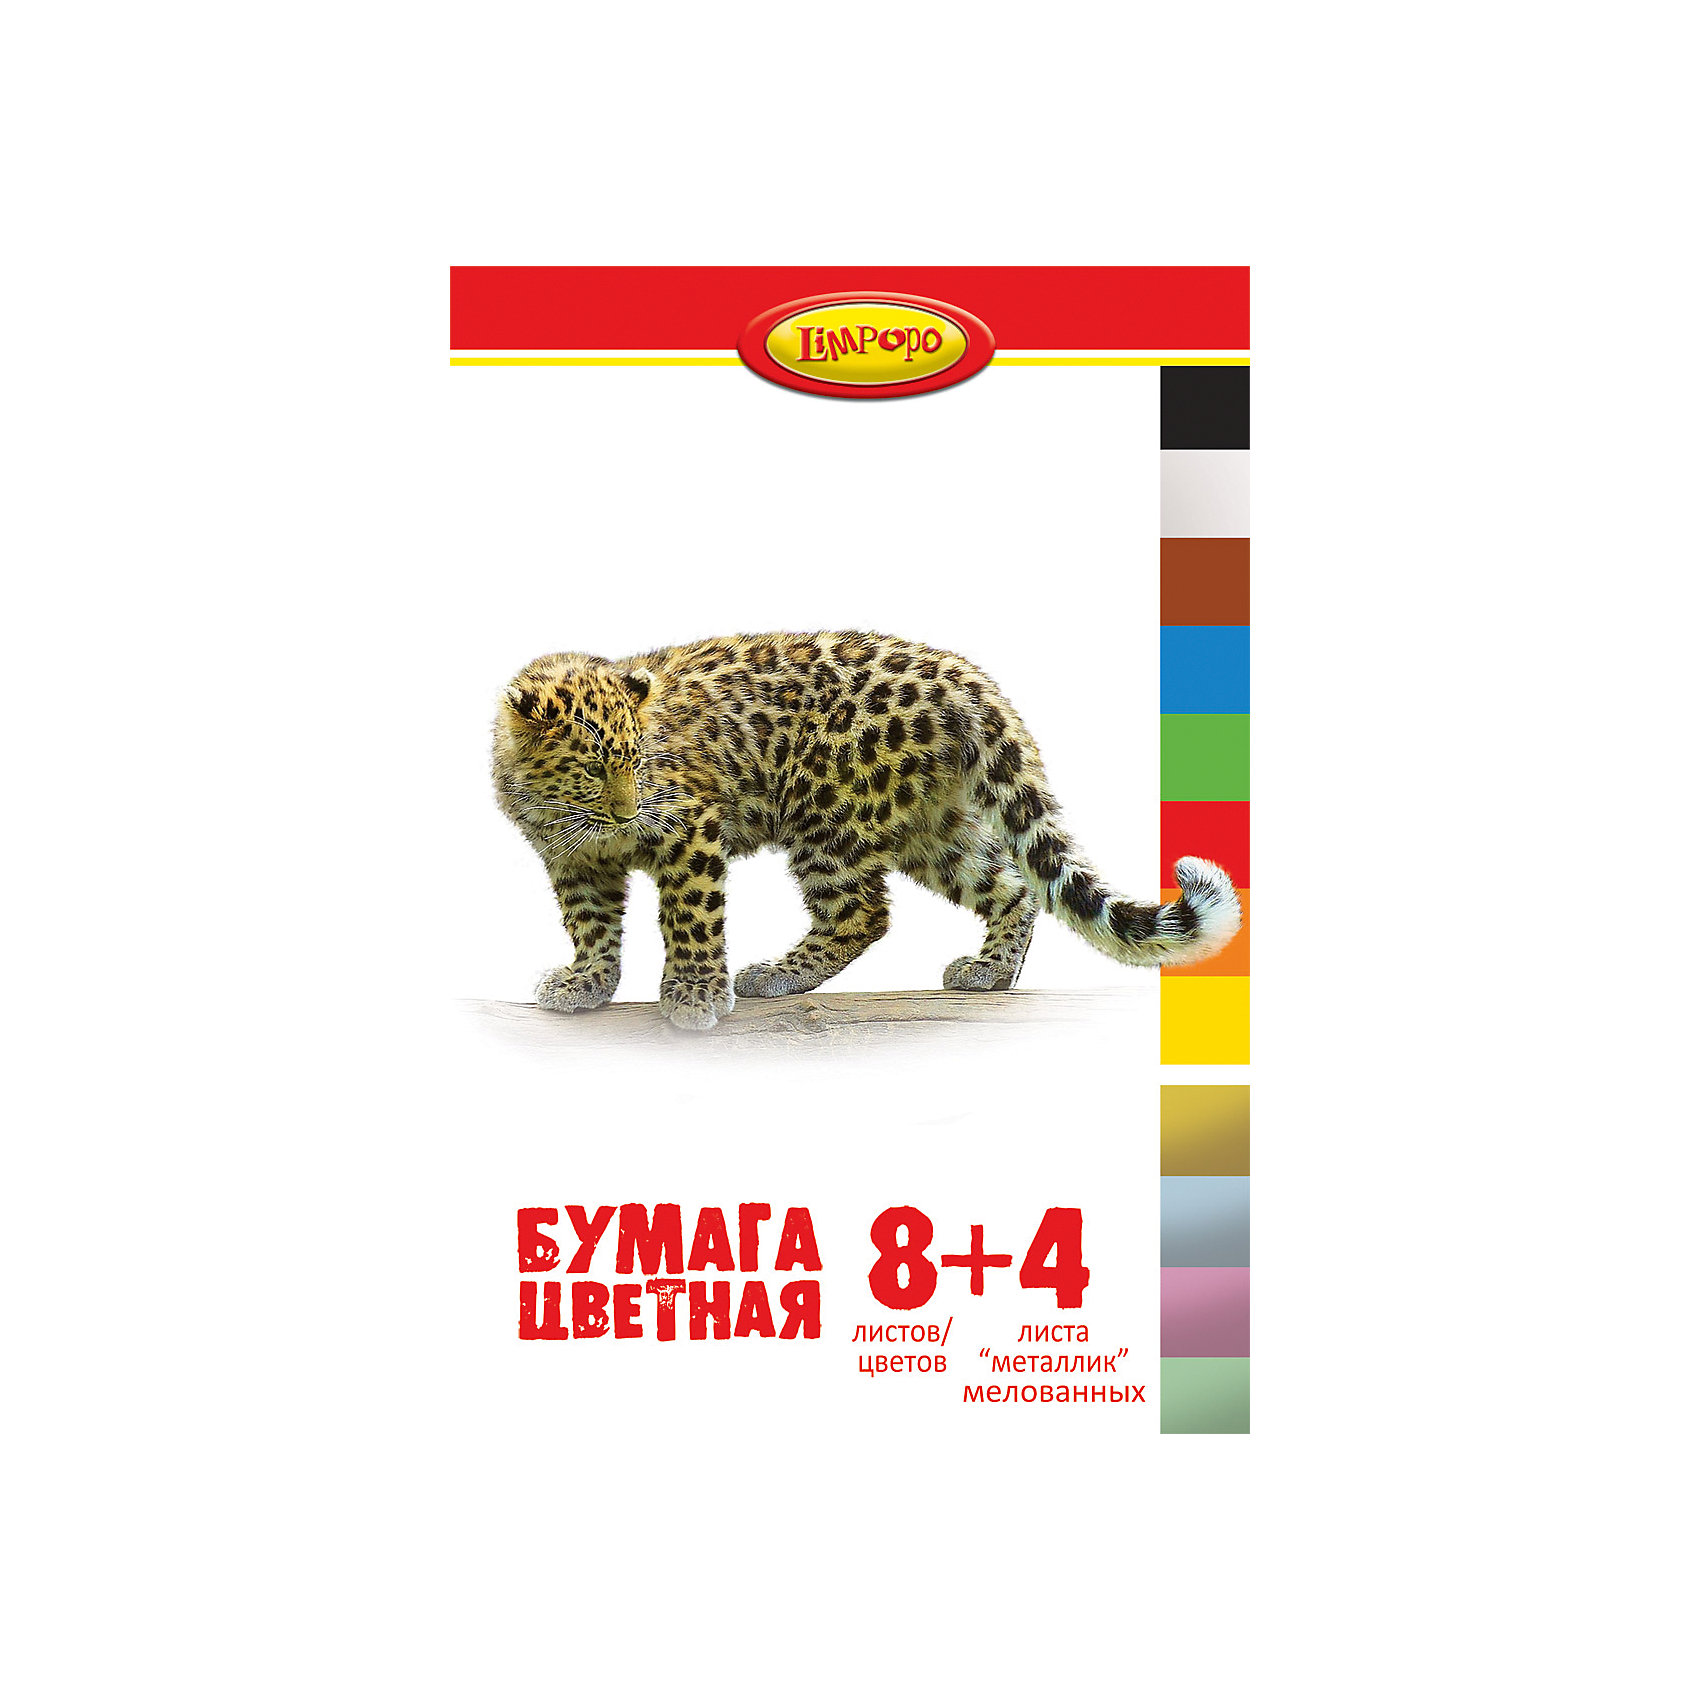 Цветная бумага Хищники, 12 листовЦветная бумага Дети, 12 листов<br><br>Характеристики:<br><br>• Количество цветов: 8 стандартных, 4 металлизированных<br>• Количество листов: 12<br>• Формат: А4<br>• Тип крепления: на скрепке<br>• Мелованная<br><br>Набор включает в себя 8 стандартных цветов и 4 металлизированных оттенка для разнообразия поделок. Качественная мелованная бумага поможет ребенку сделать множество поделок, аппликаций или цветных оригами. Крепление на скрепке очень удобное. Оно предотвращает выпадение бумаги и с него удобно снимать листы на уроках.<br><br>Цветная бумага Дети, 12 листов можно купить в нашем интернет-магазине.<br><br>Ширина мм: 297<br>Глубина мм: 1<br>Высота мм: 210<br>Вес г: 80<br>Возраст от месяцев: 48<br>Возраст до месяцев: 144<br>Пол: Унисекс<br>Возраст: Детский<br>SKU: 5390345